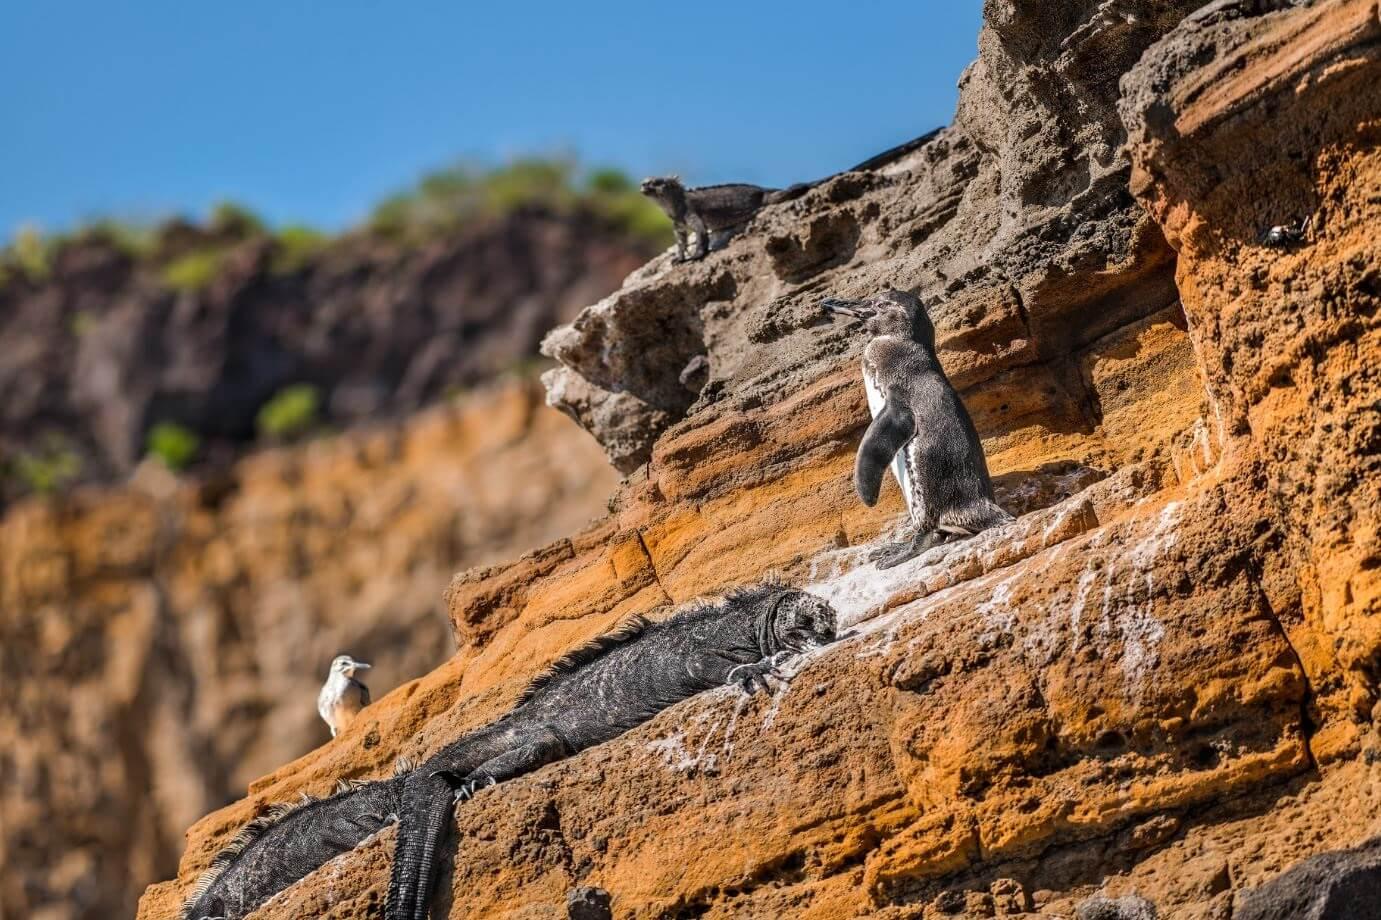 Marine iguana and penguin on a rock.